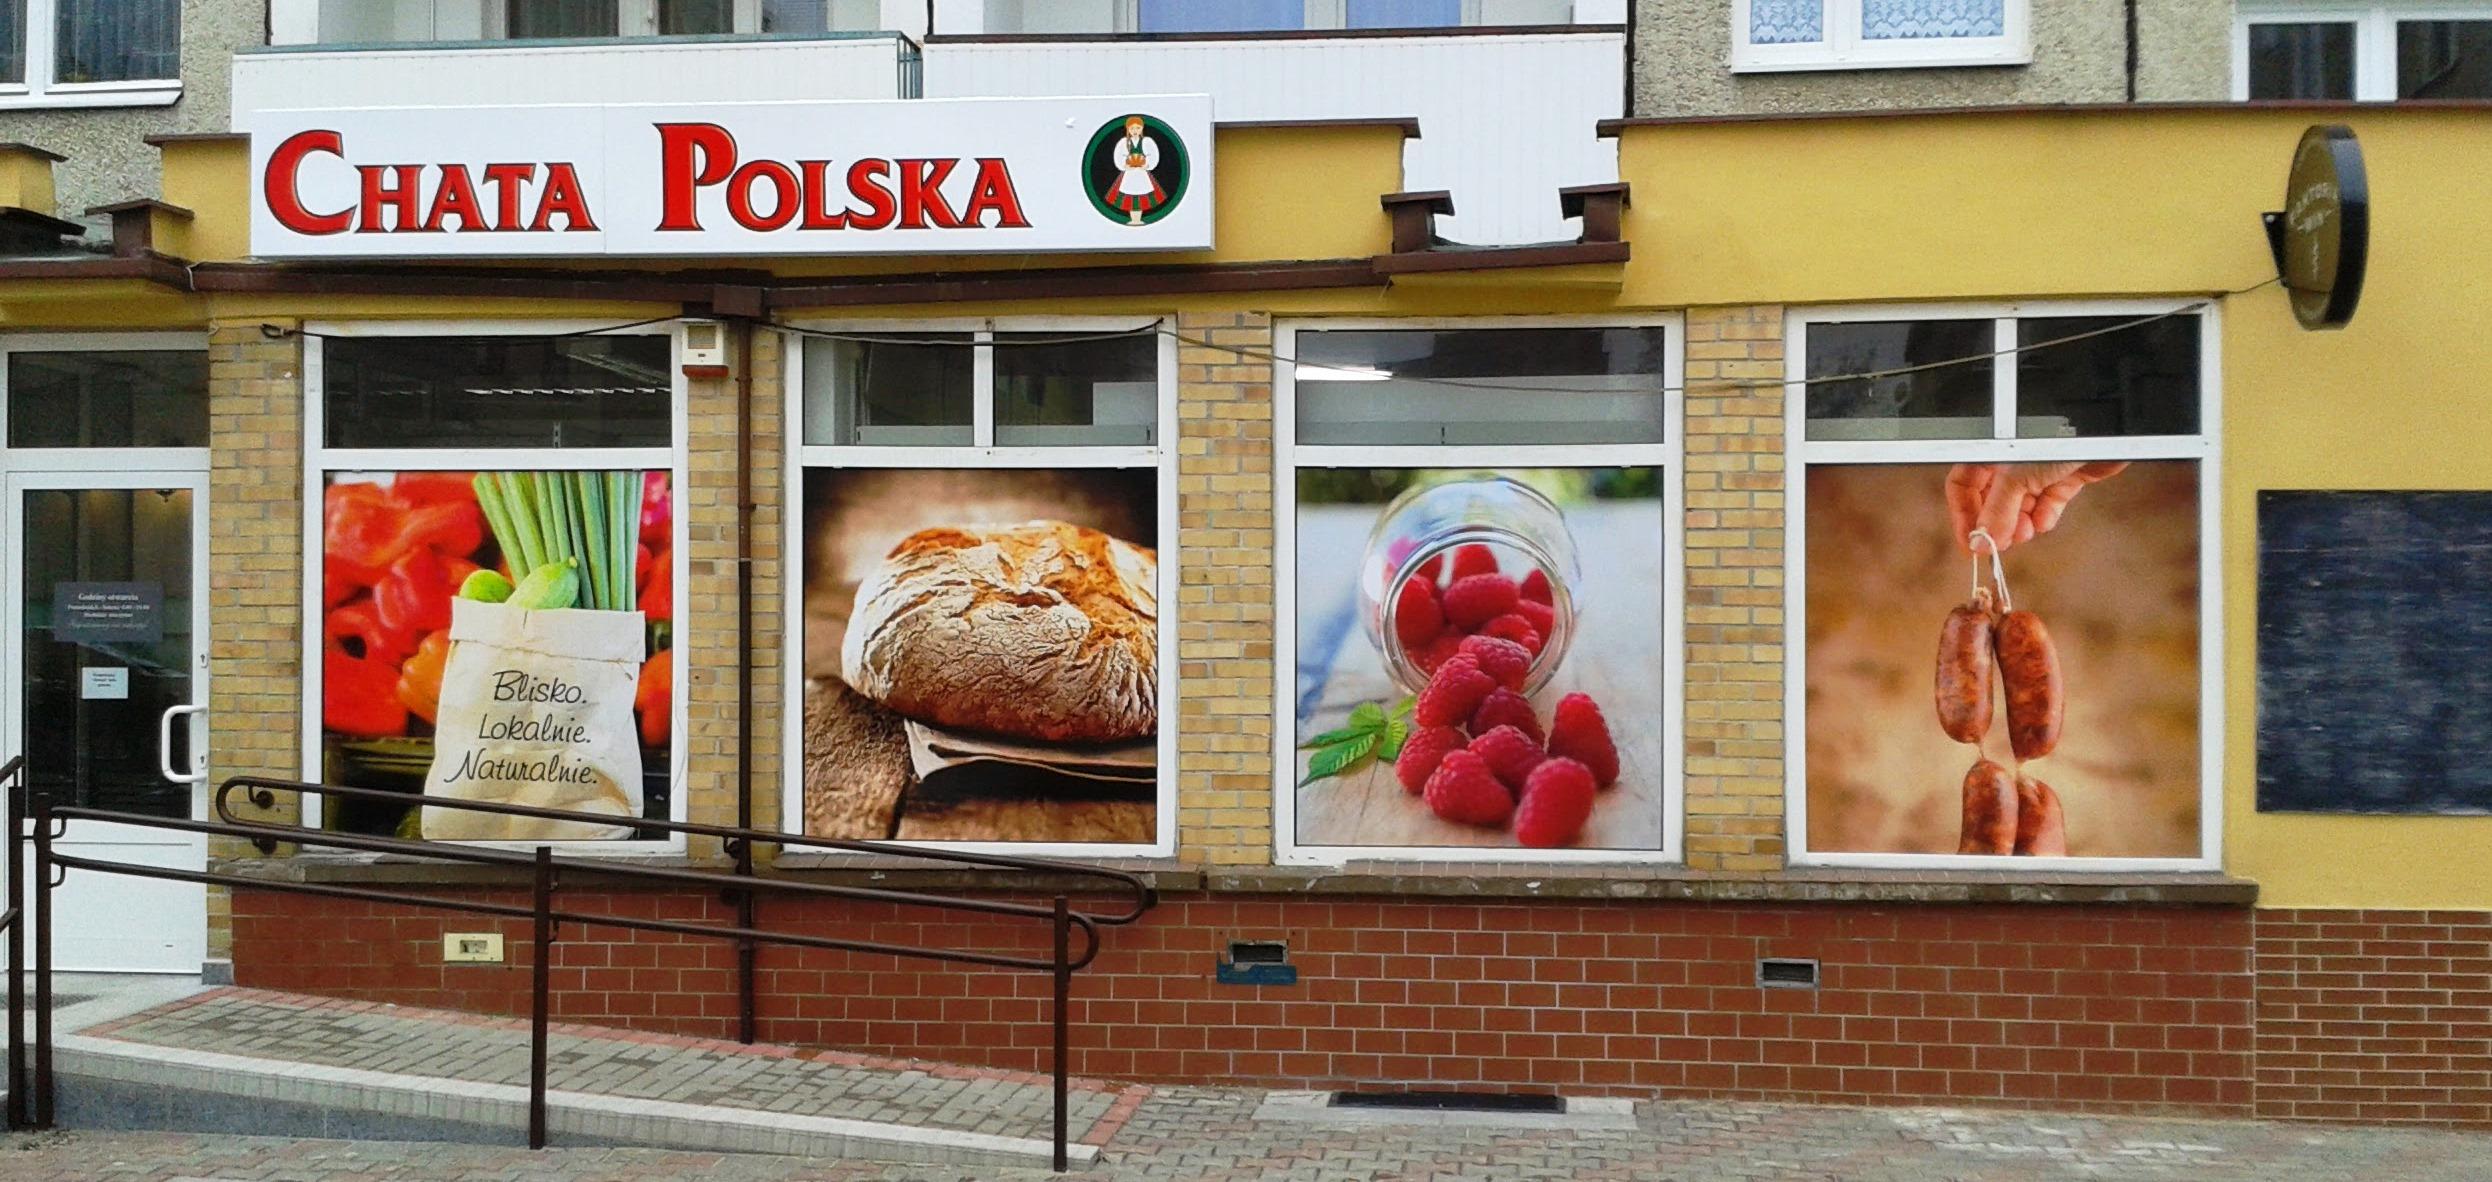 Polski Chat